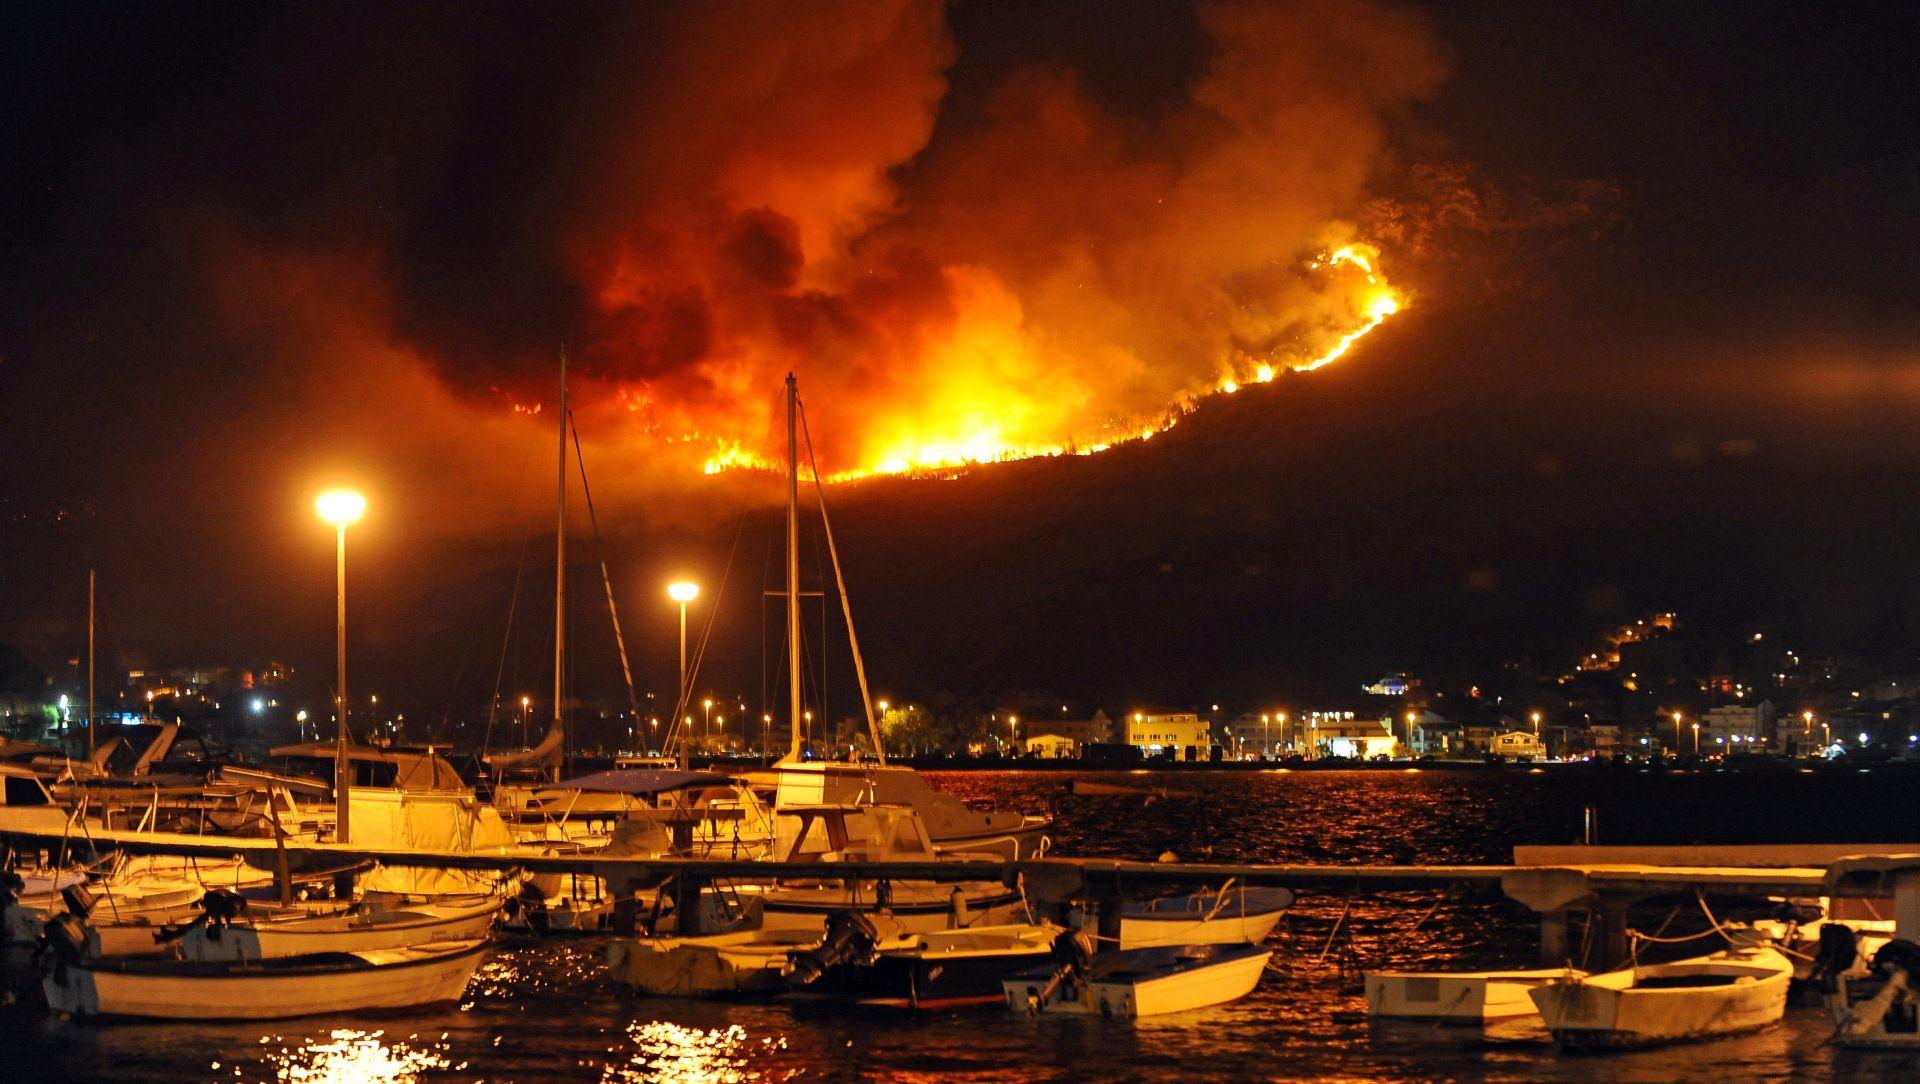 Grabar-Kitarović smatra da je vojska mogla ranije pomoći u gašenju požara